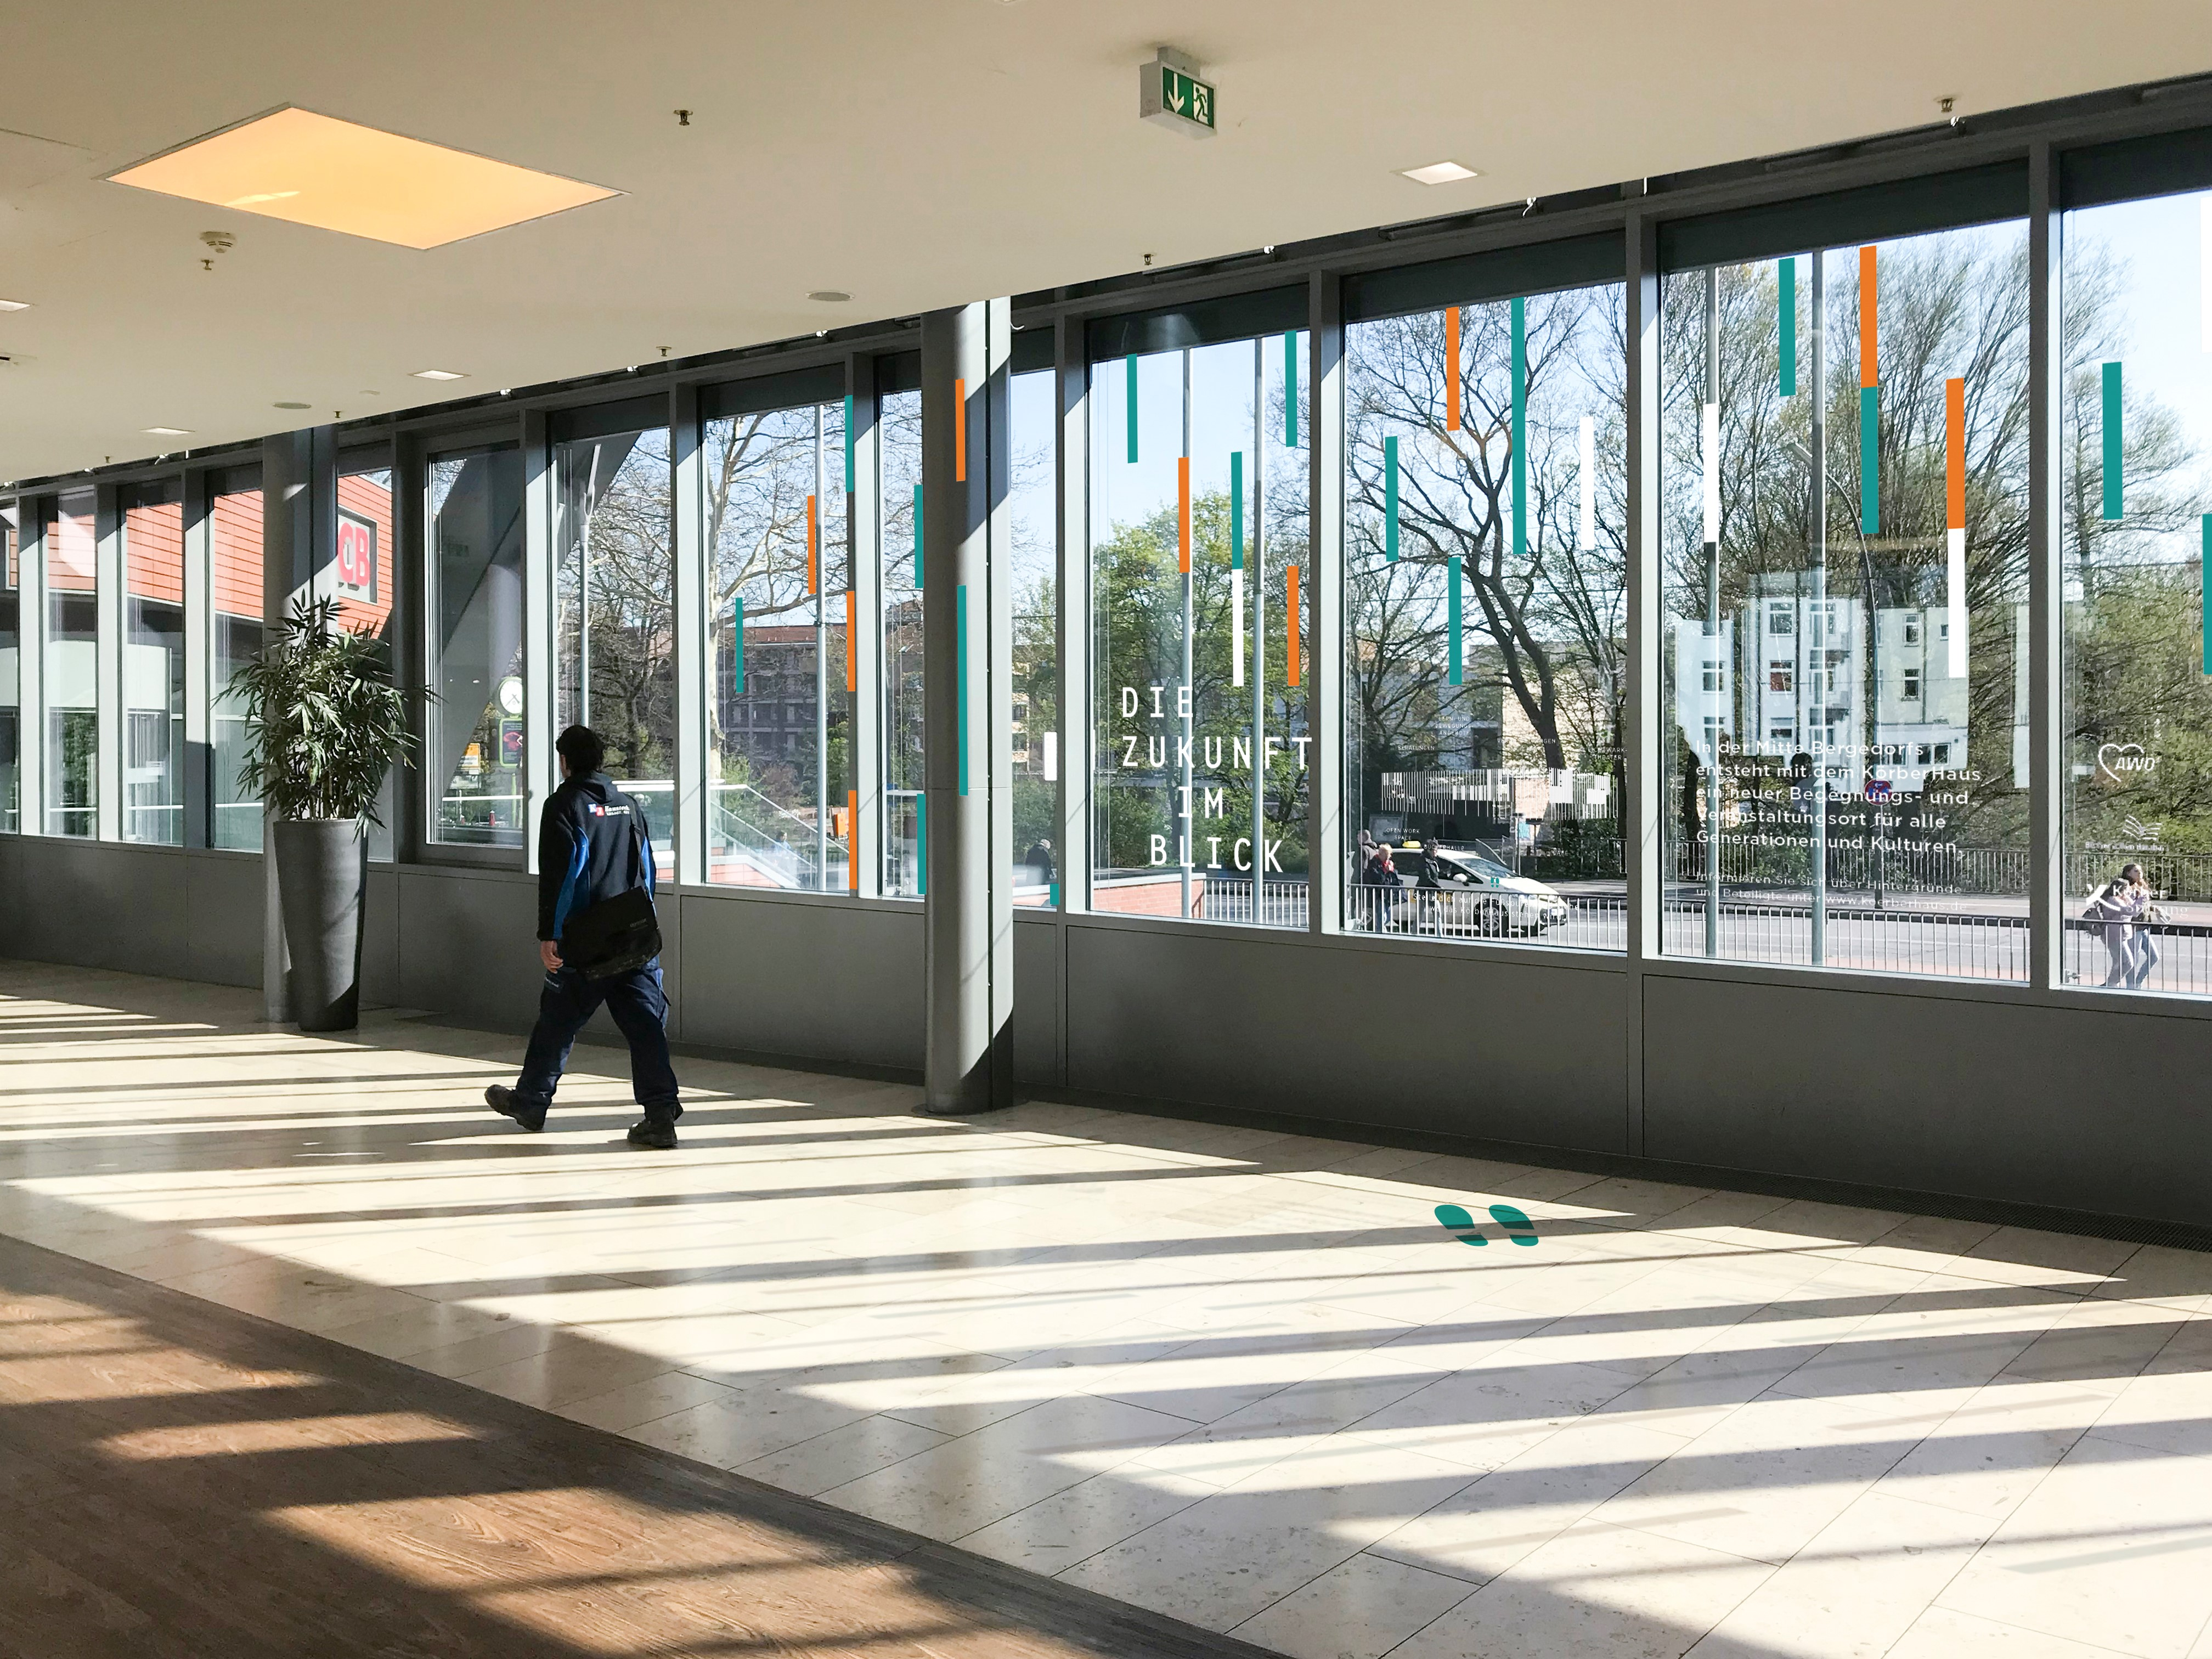 KörberHaus, Körberhaus, CCB, City Center Bergedorf, Ausstellung, neues Körberhaus, News, Nachrichten, Bergedorf, Hamburg, Kultur- und Veranstaltungshaus